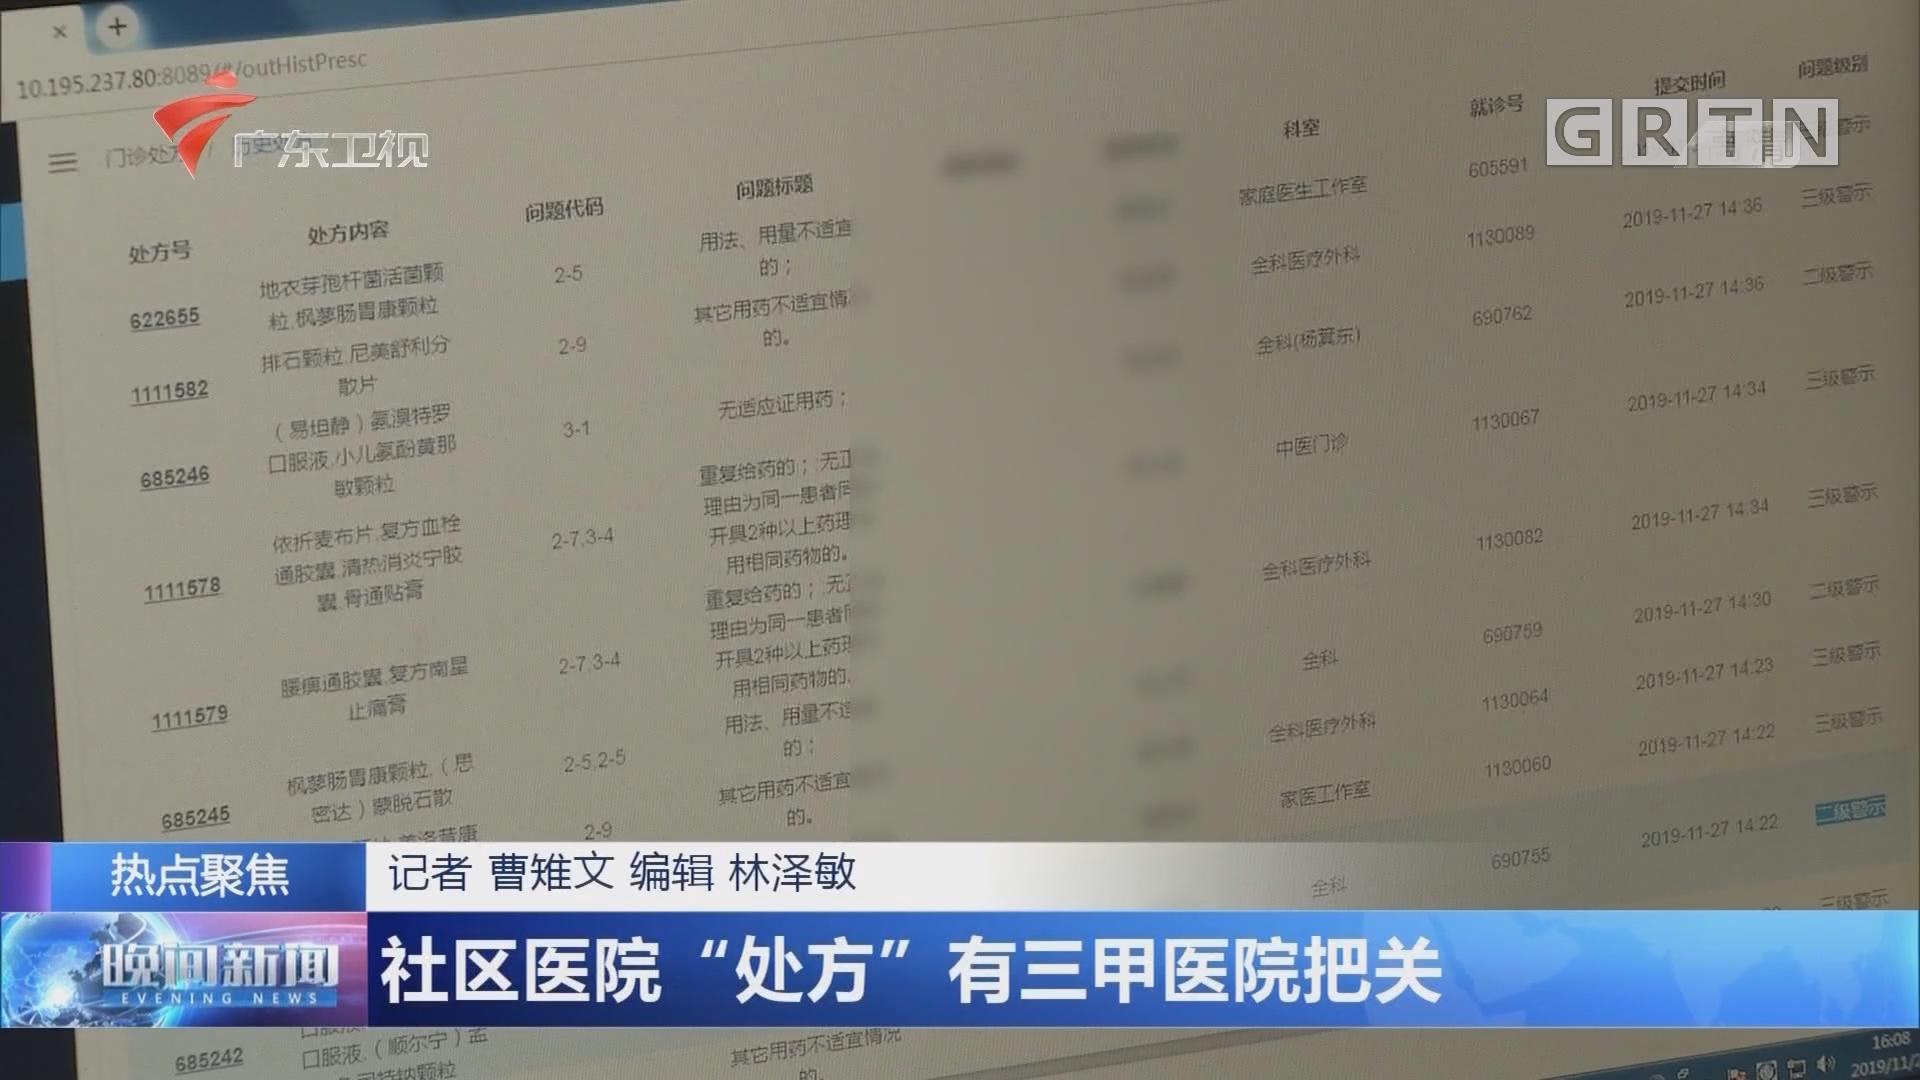 """广州:首家区域性""""审方中心""""成立 社区医院""""处方""""有三甲医院把关"""